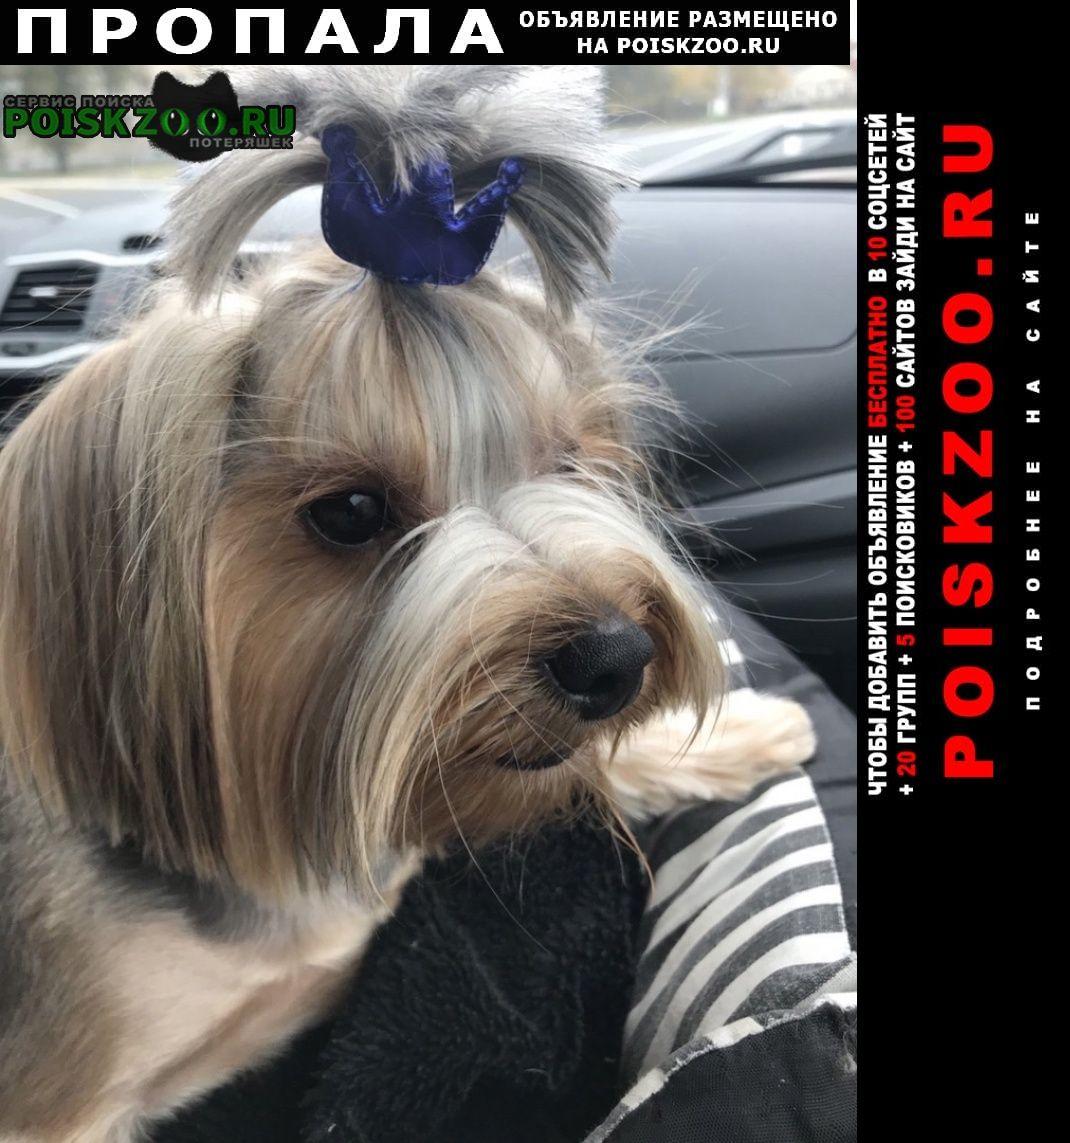 Пропала собака кобель Тольятти